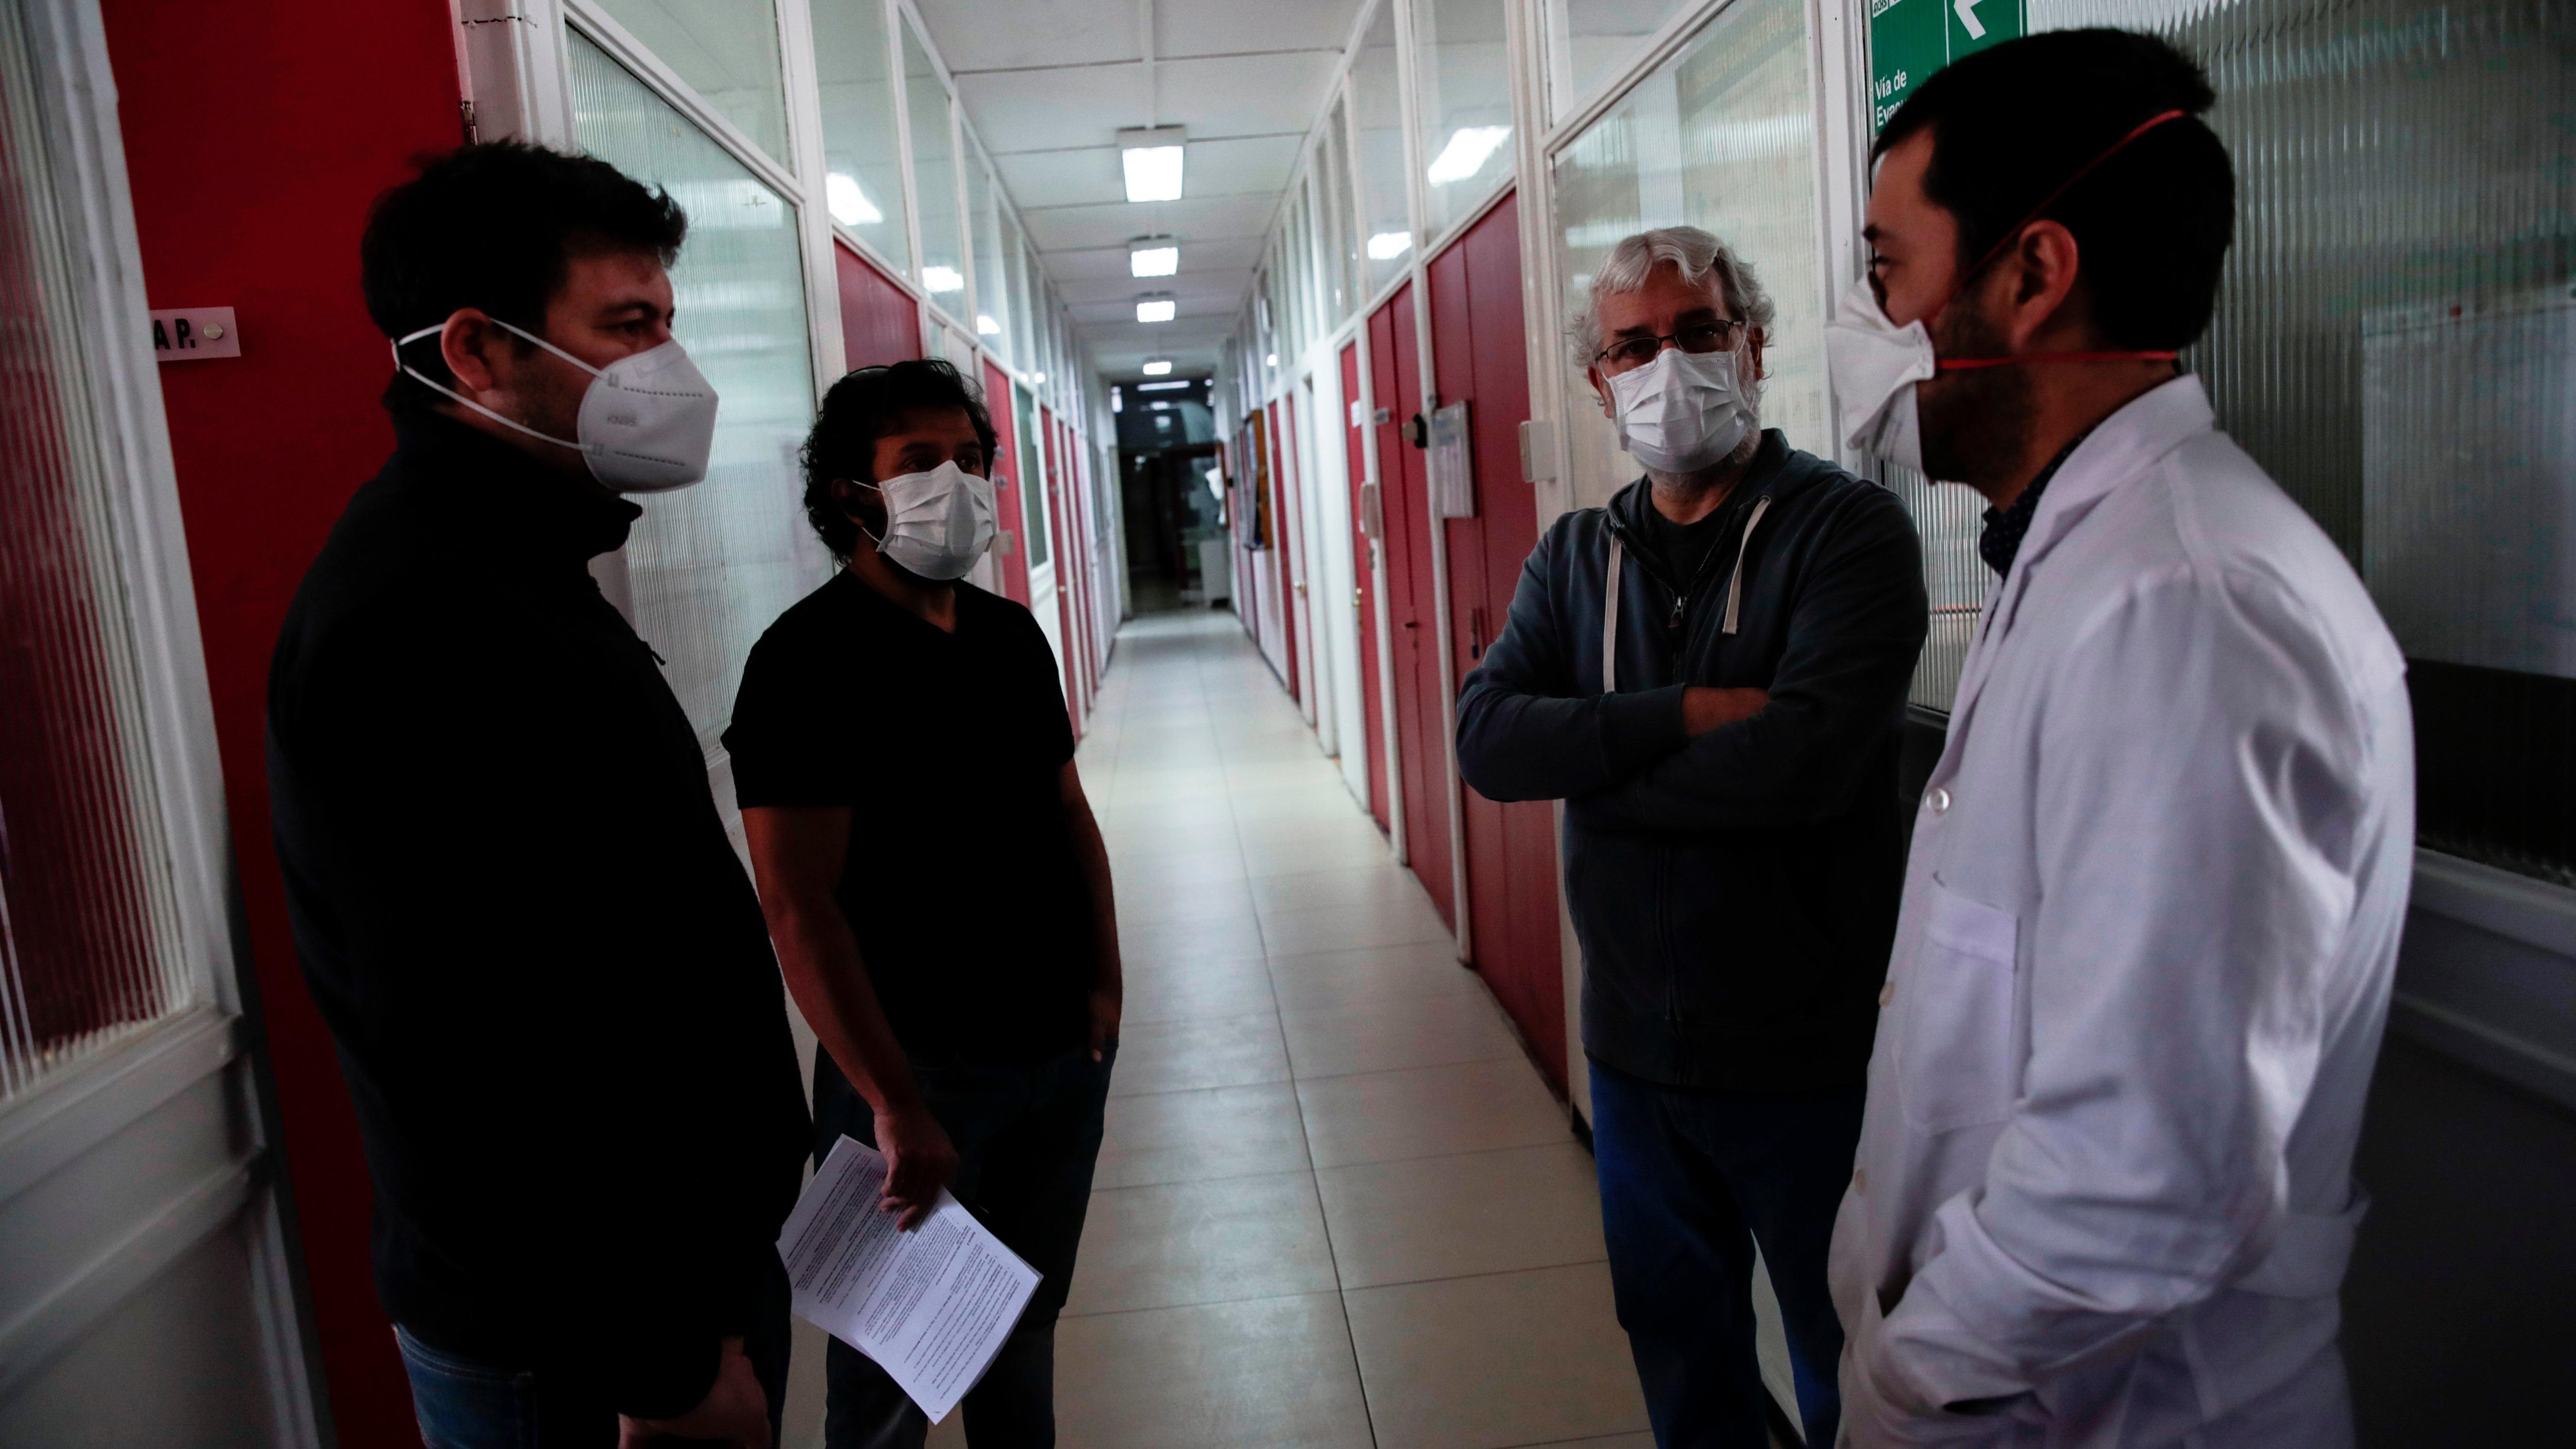 Aldo Gaggero, director del programa de Virologia de la Facultad de Medicina de la Universidad de Chile